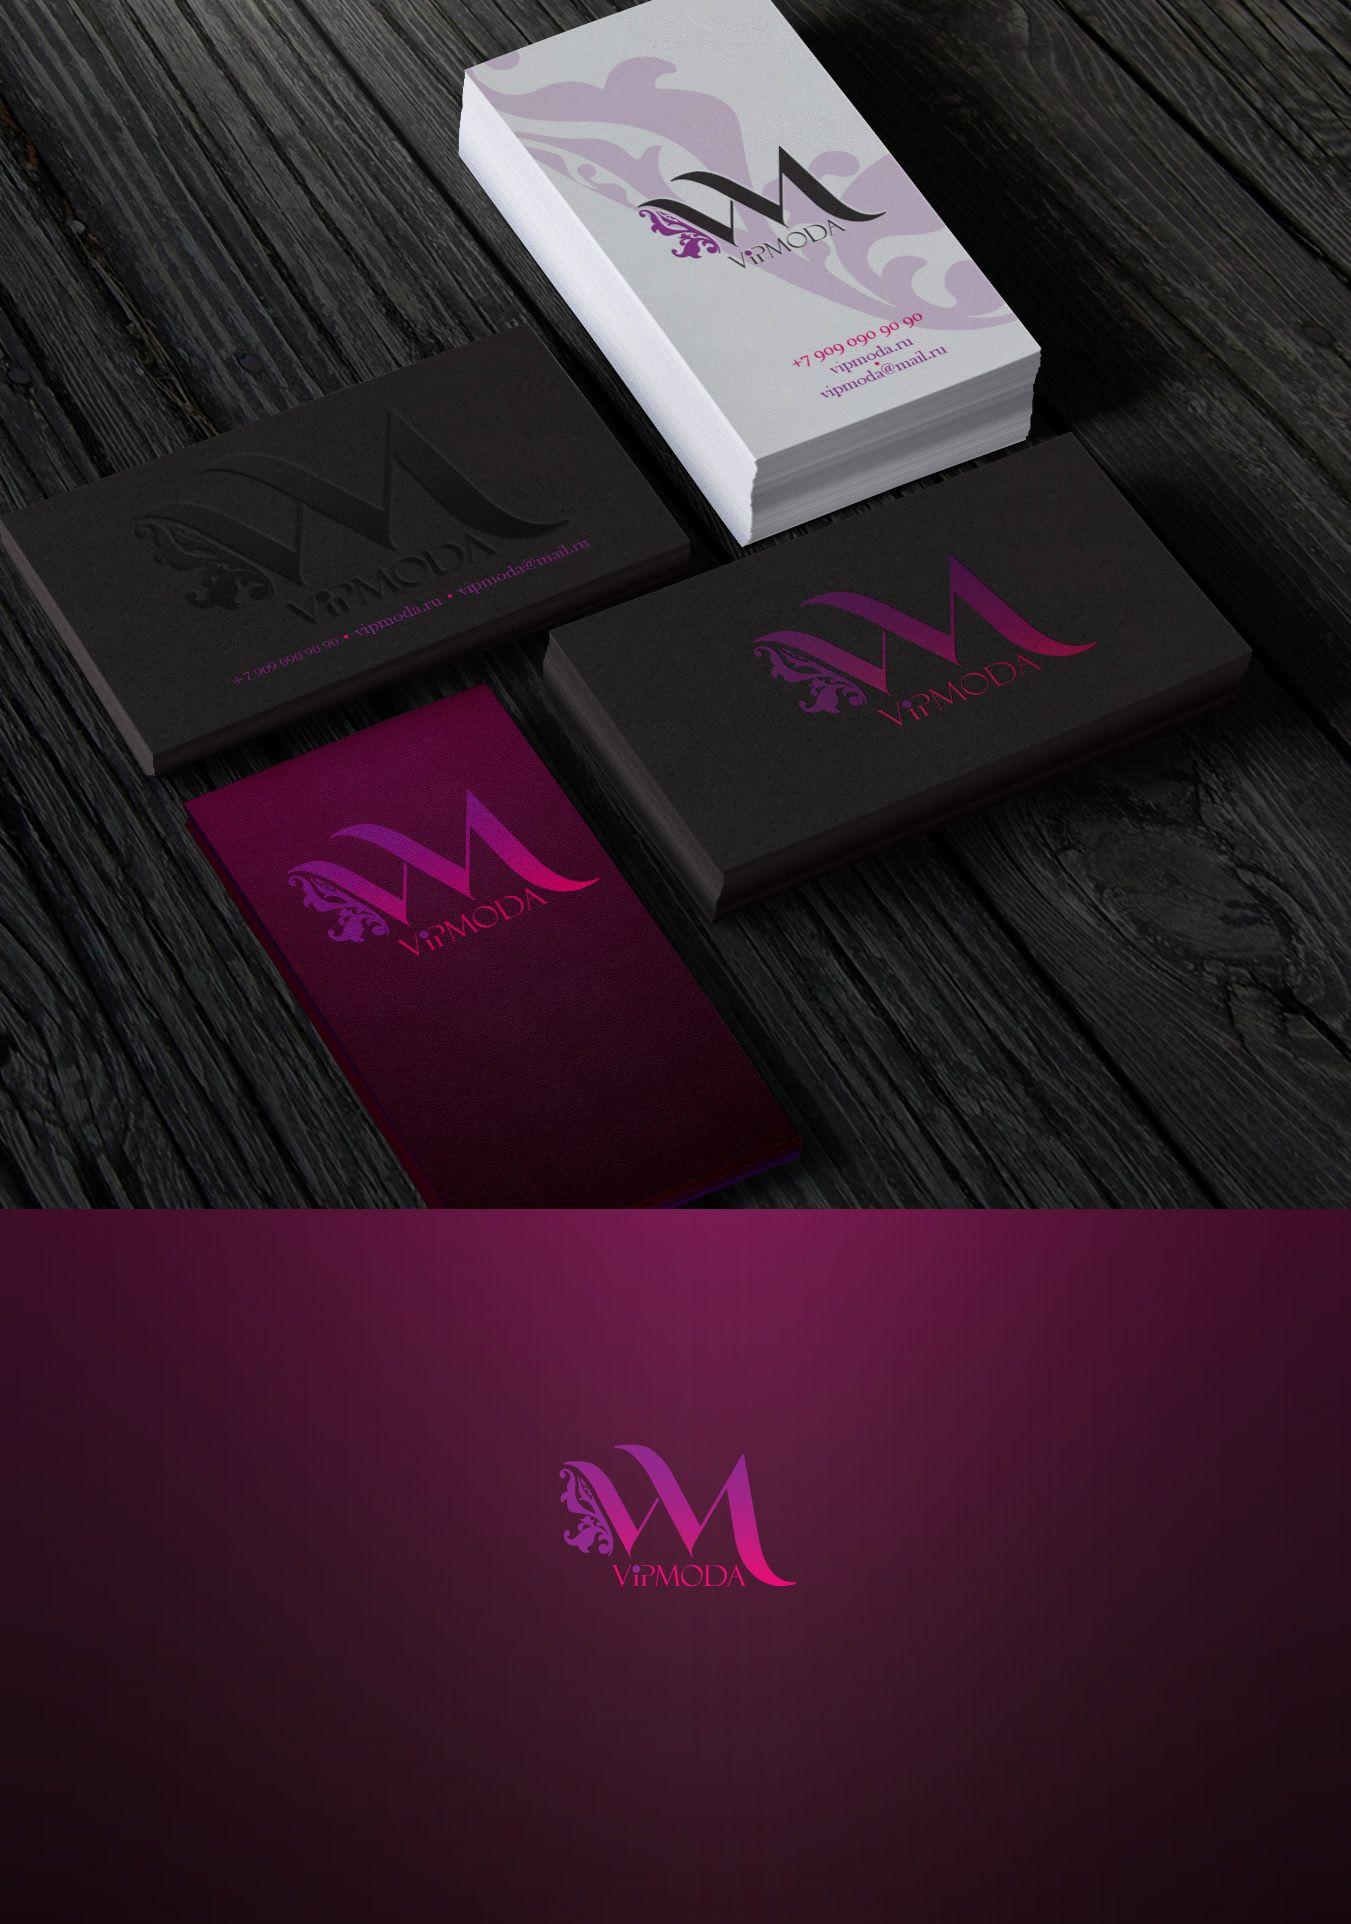 Лого и фирменный стиль компании ВИПМОДА  - дизайнер Ula_Chu